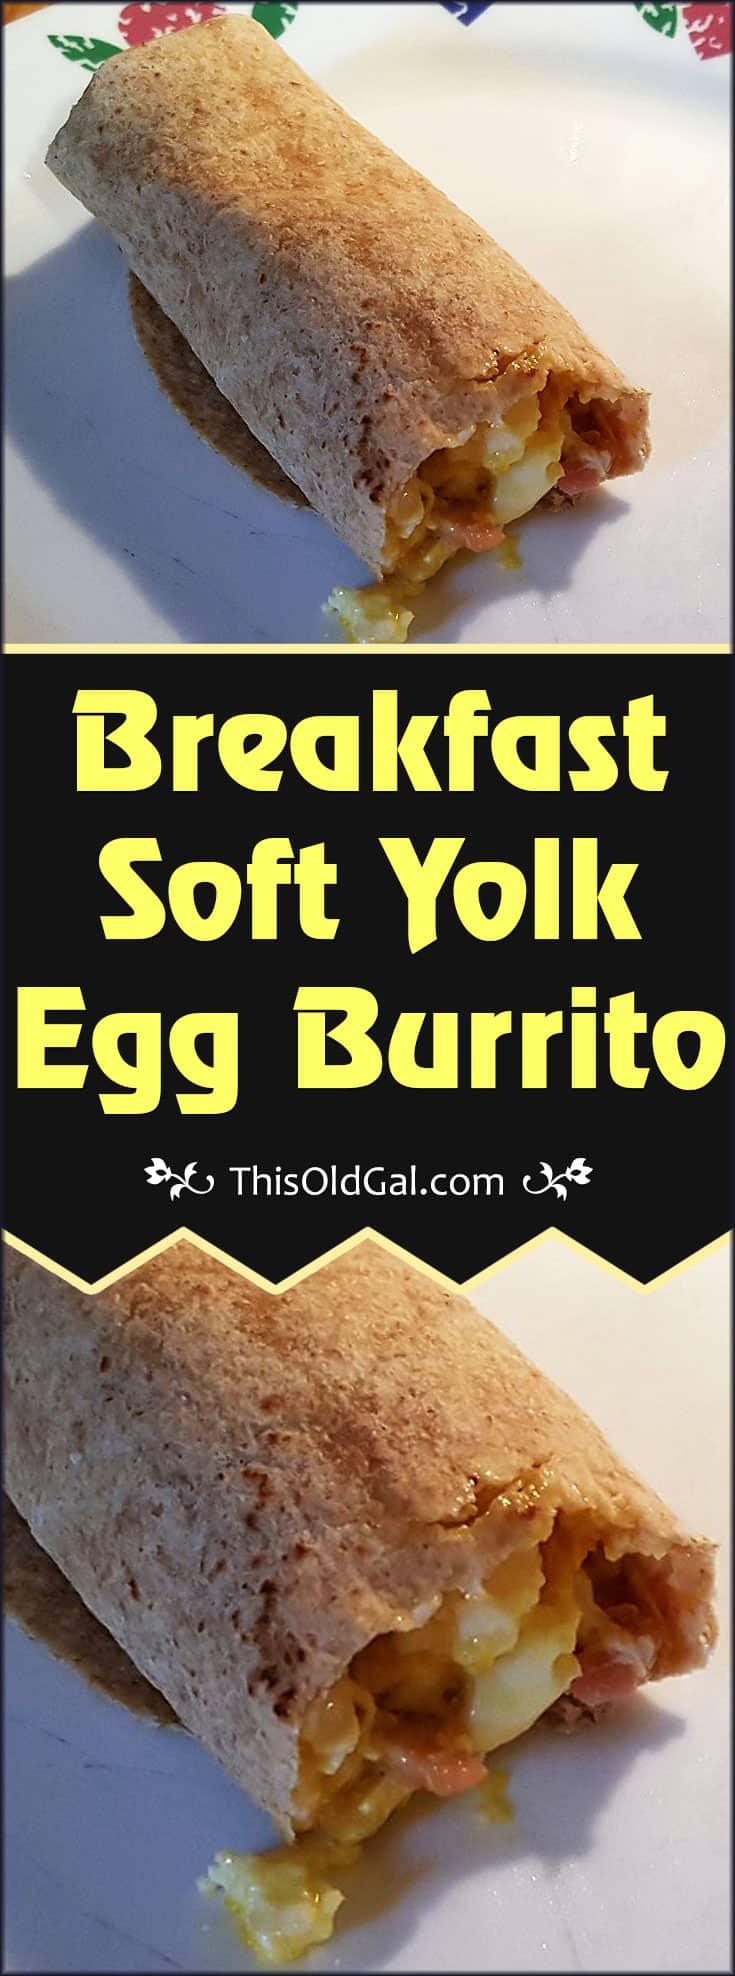 Breakfast Soft Yolk Egg Burrito